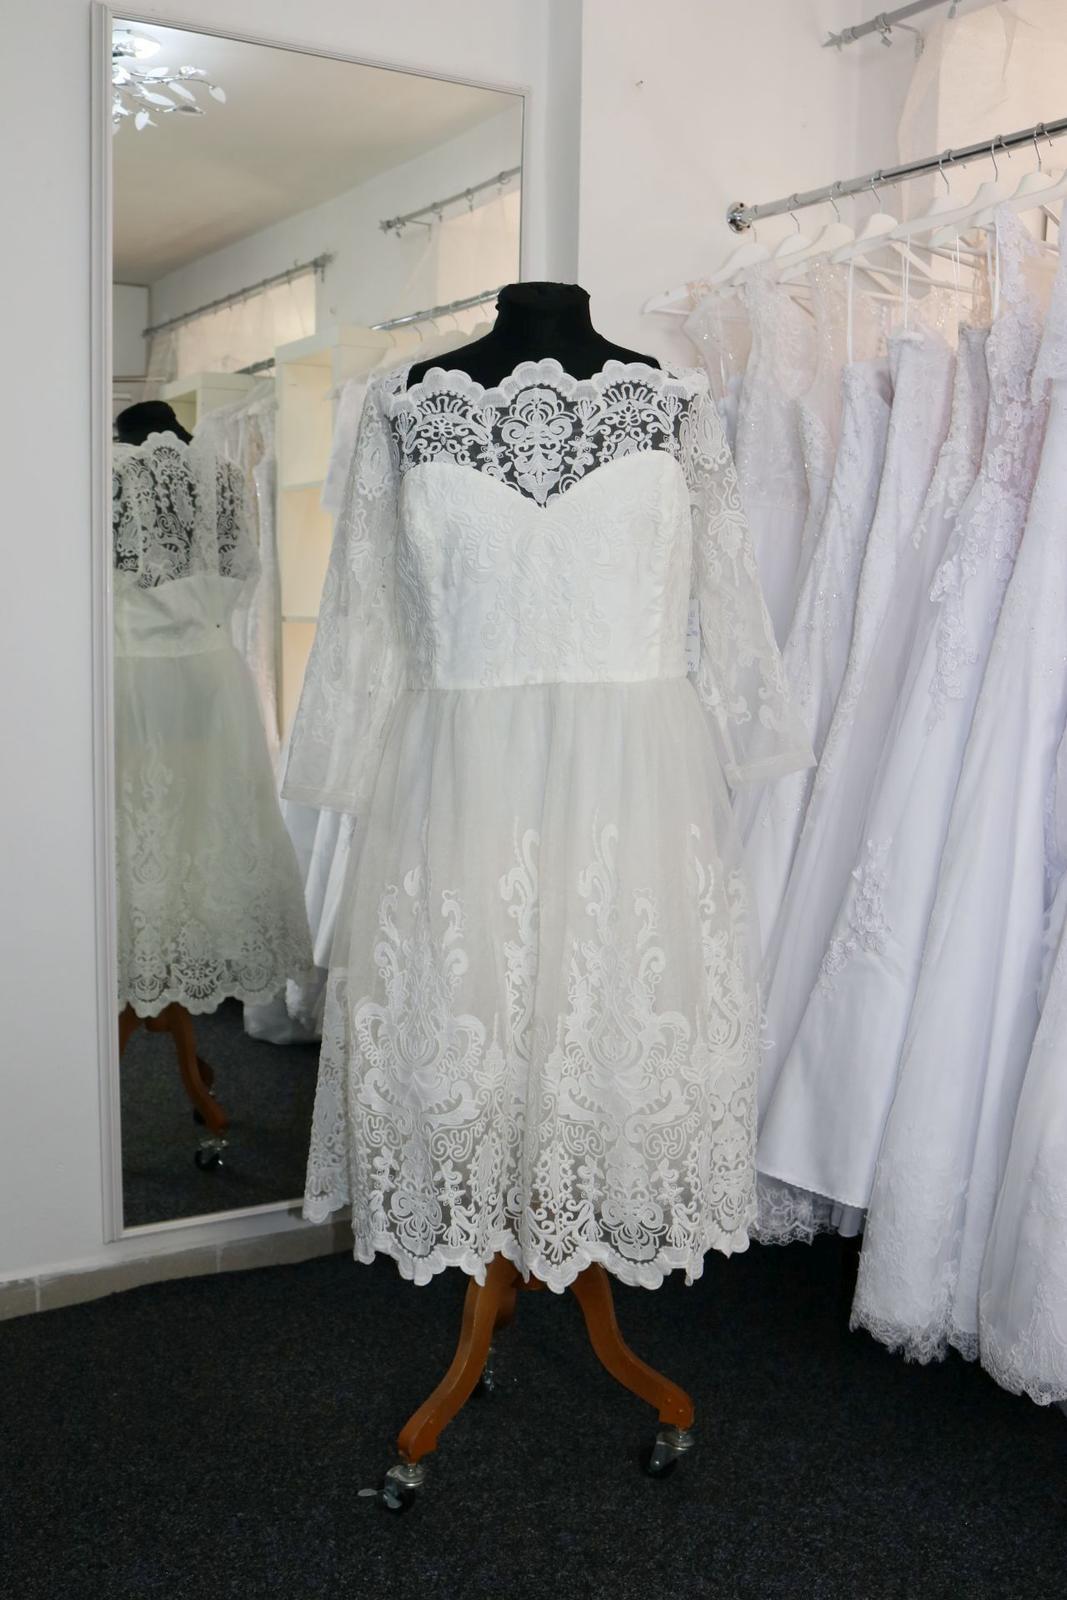 Nové svatební šaty s rukávem vel. 56 - Obrázek č. 1